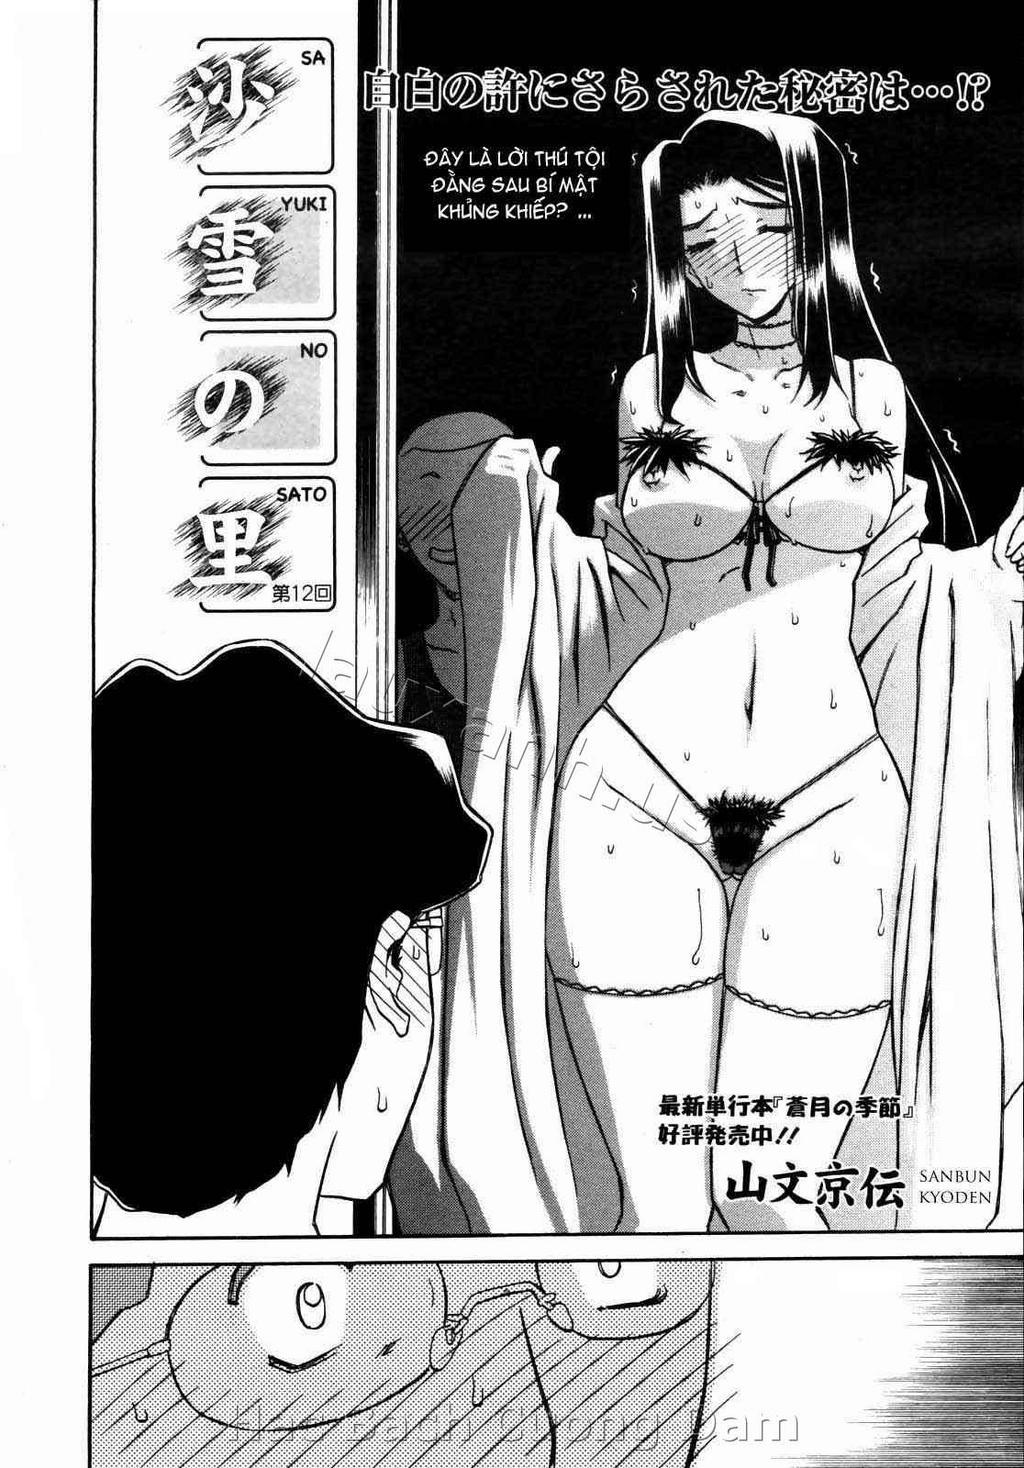 Hình ảnh hentailxers.blogspot.com0033 trong bài viết Manga H Sayuki no Sato